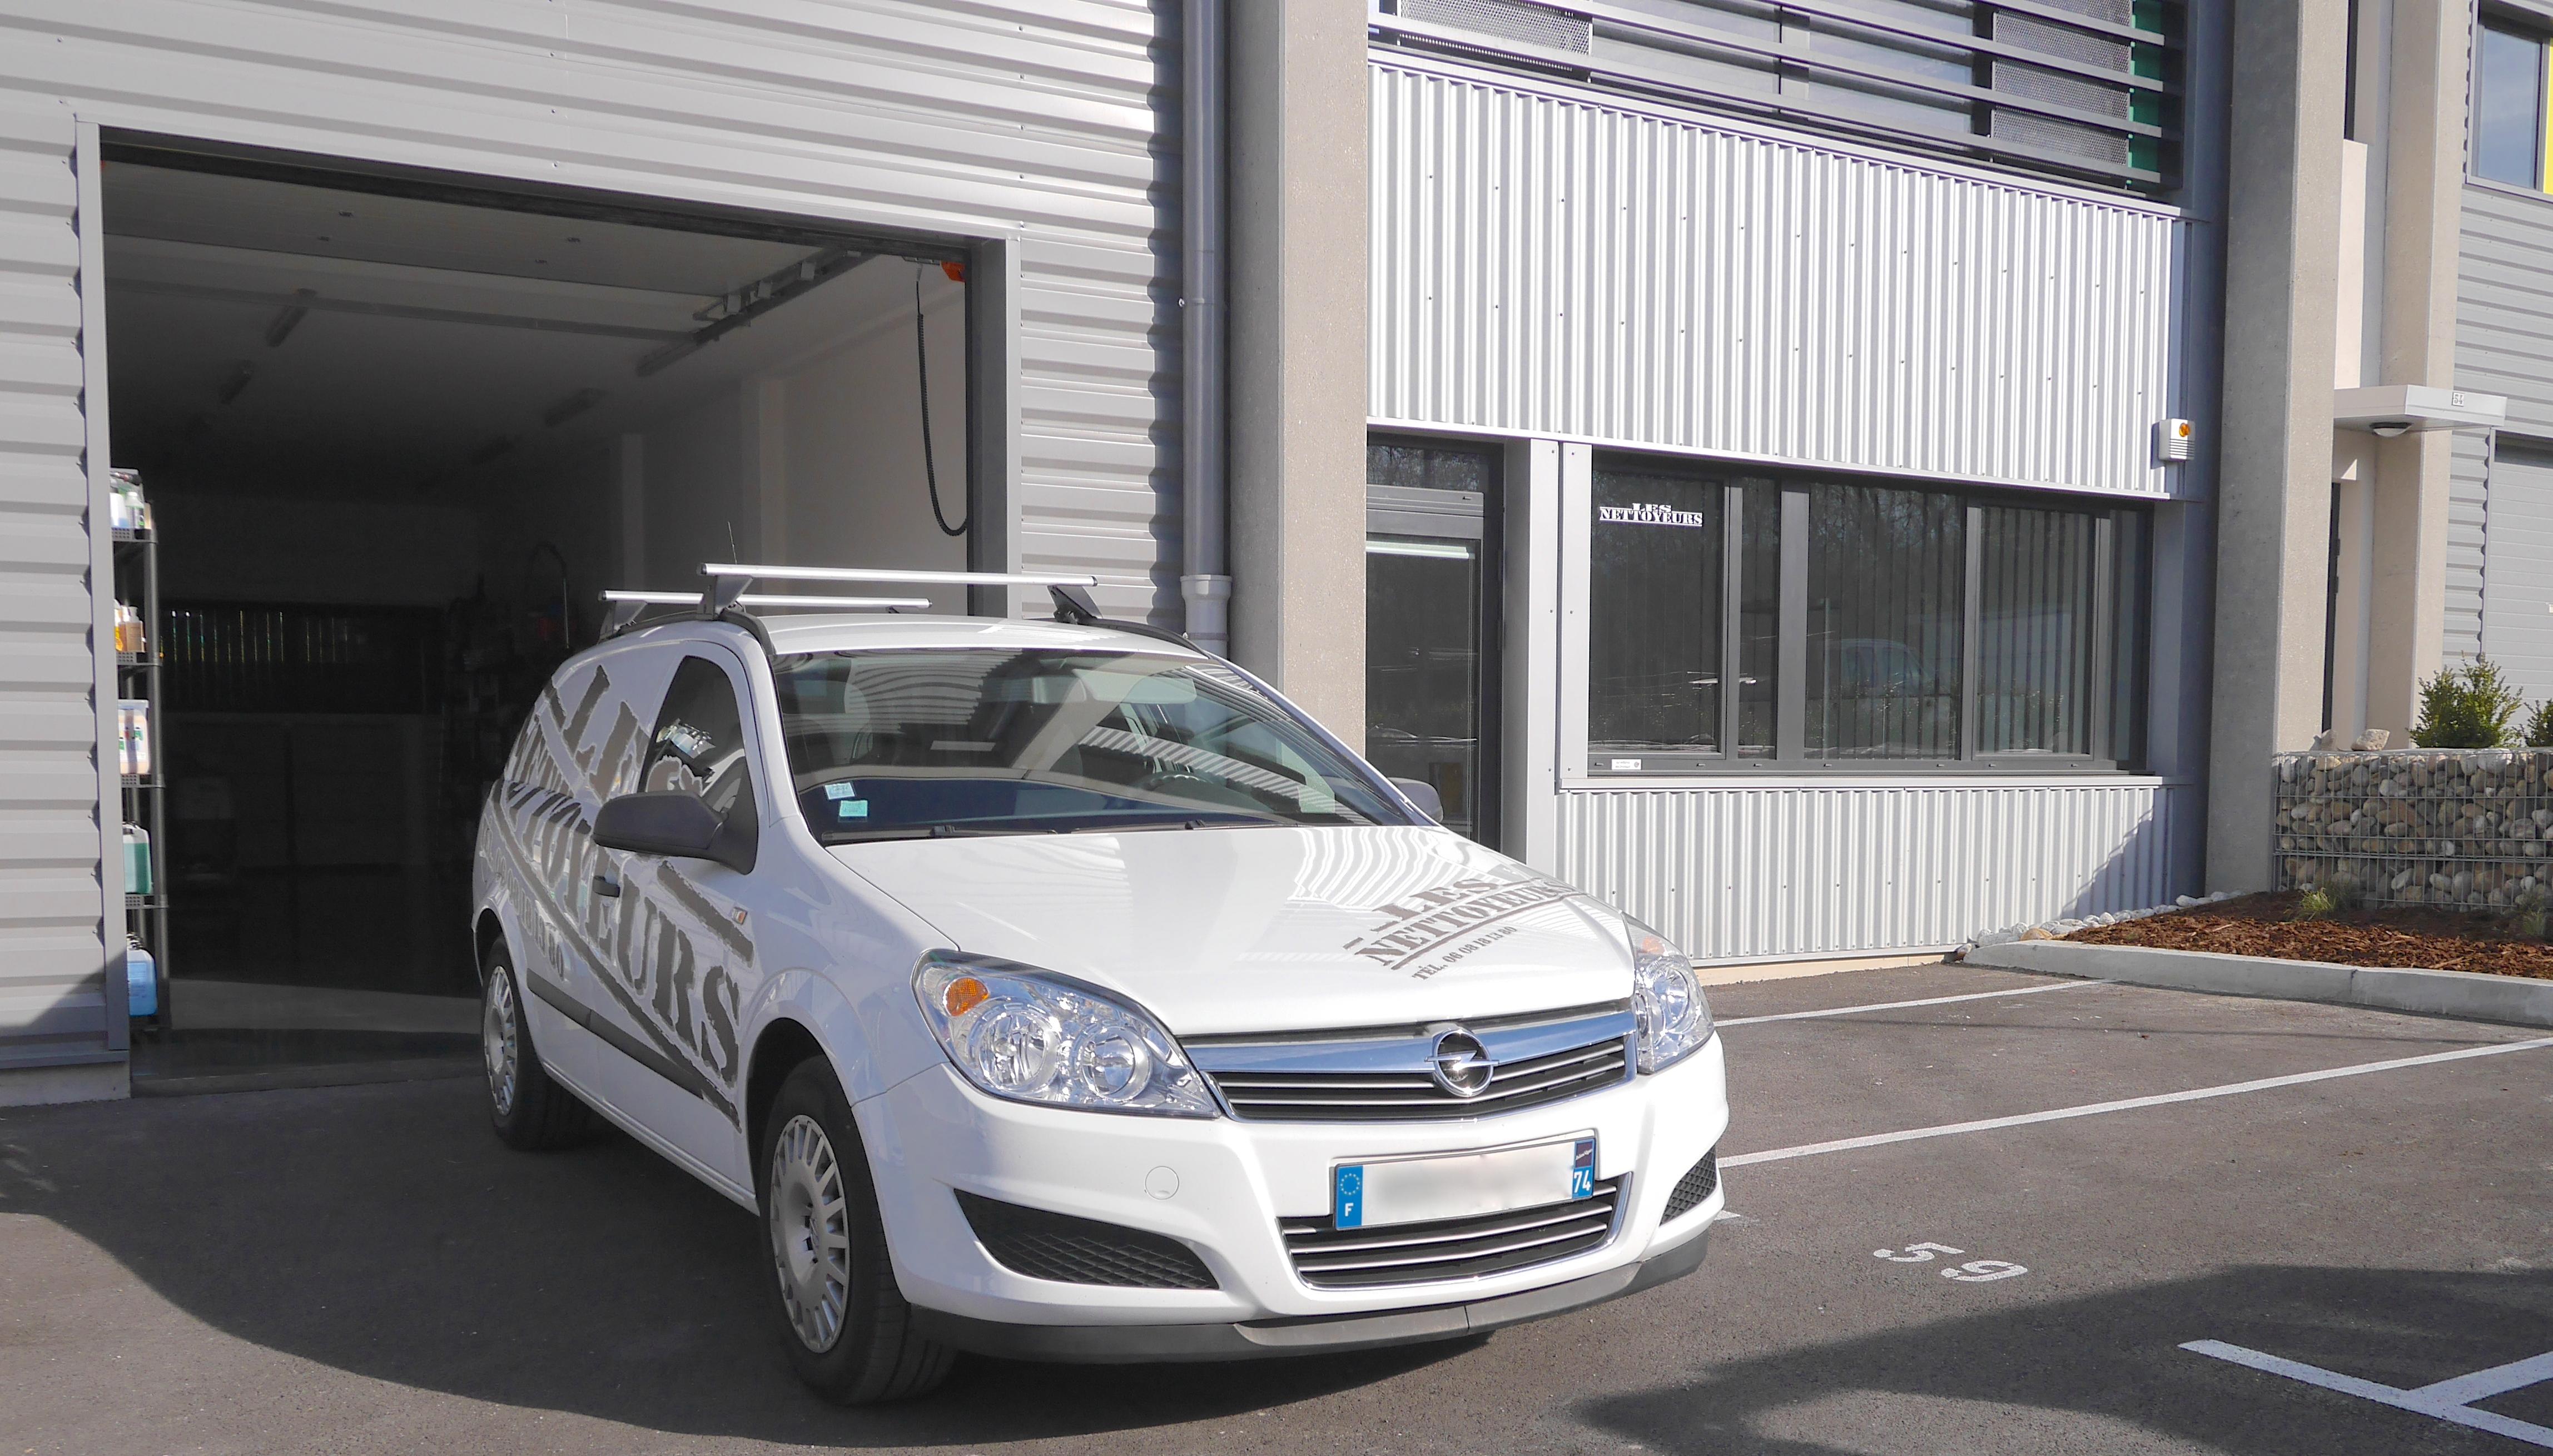 Entreprise de Nettoyage Annecy - Opel